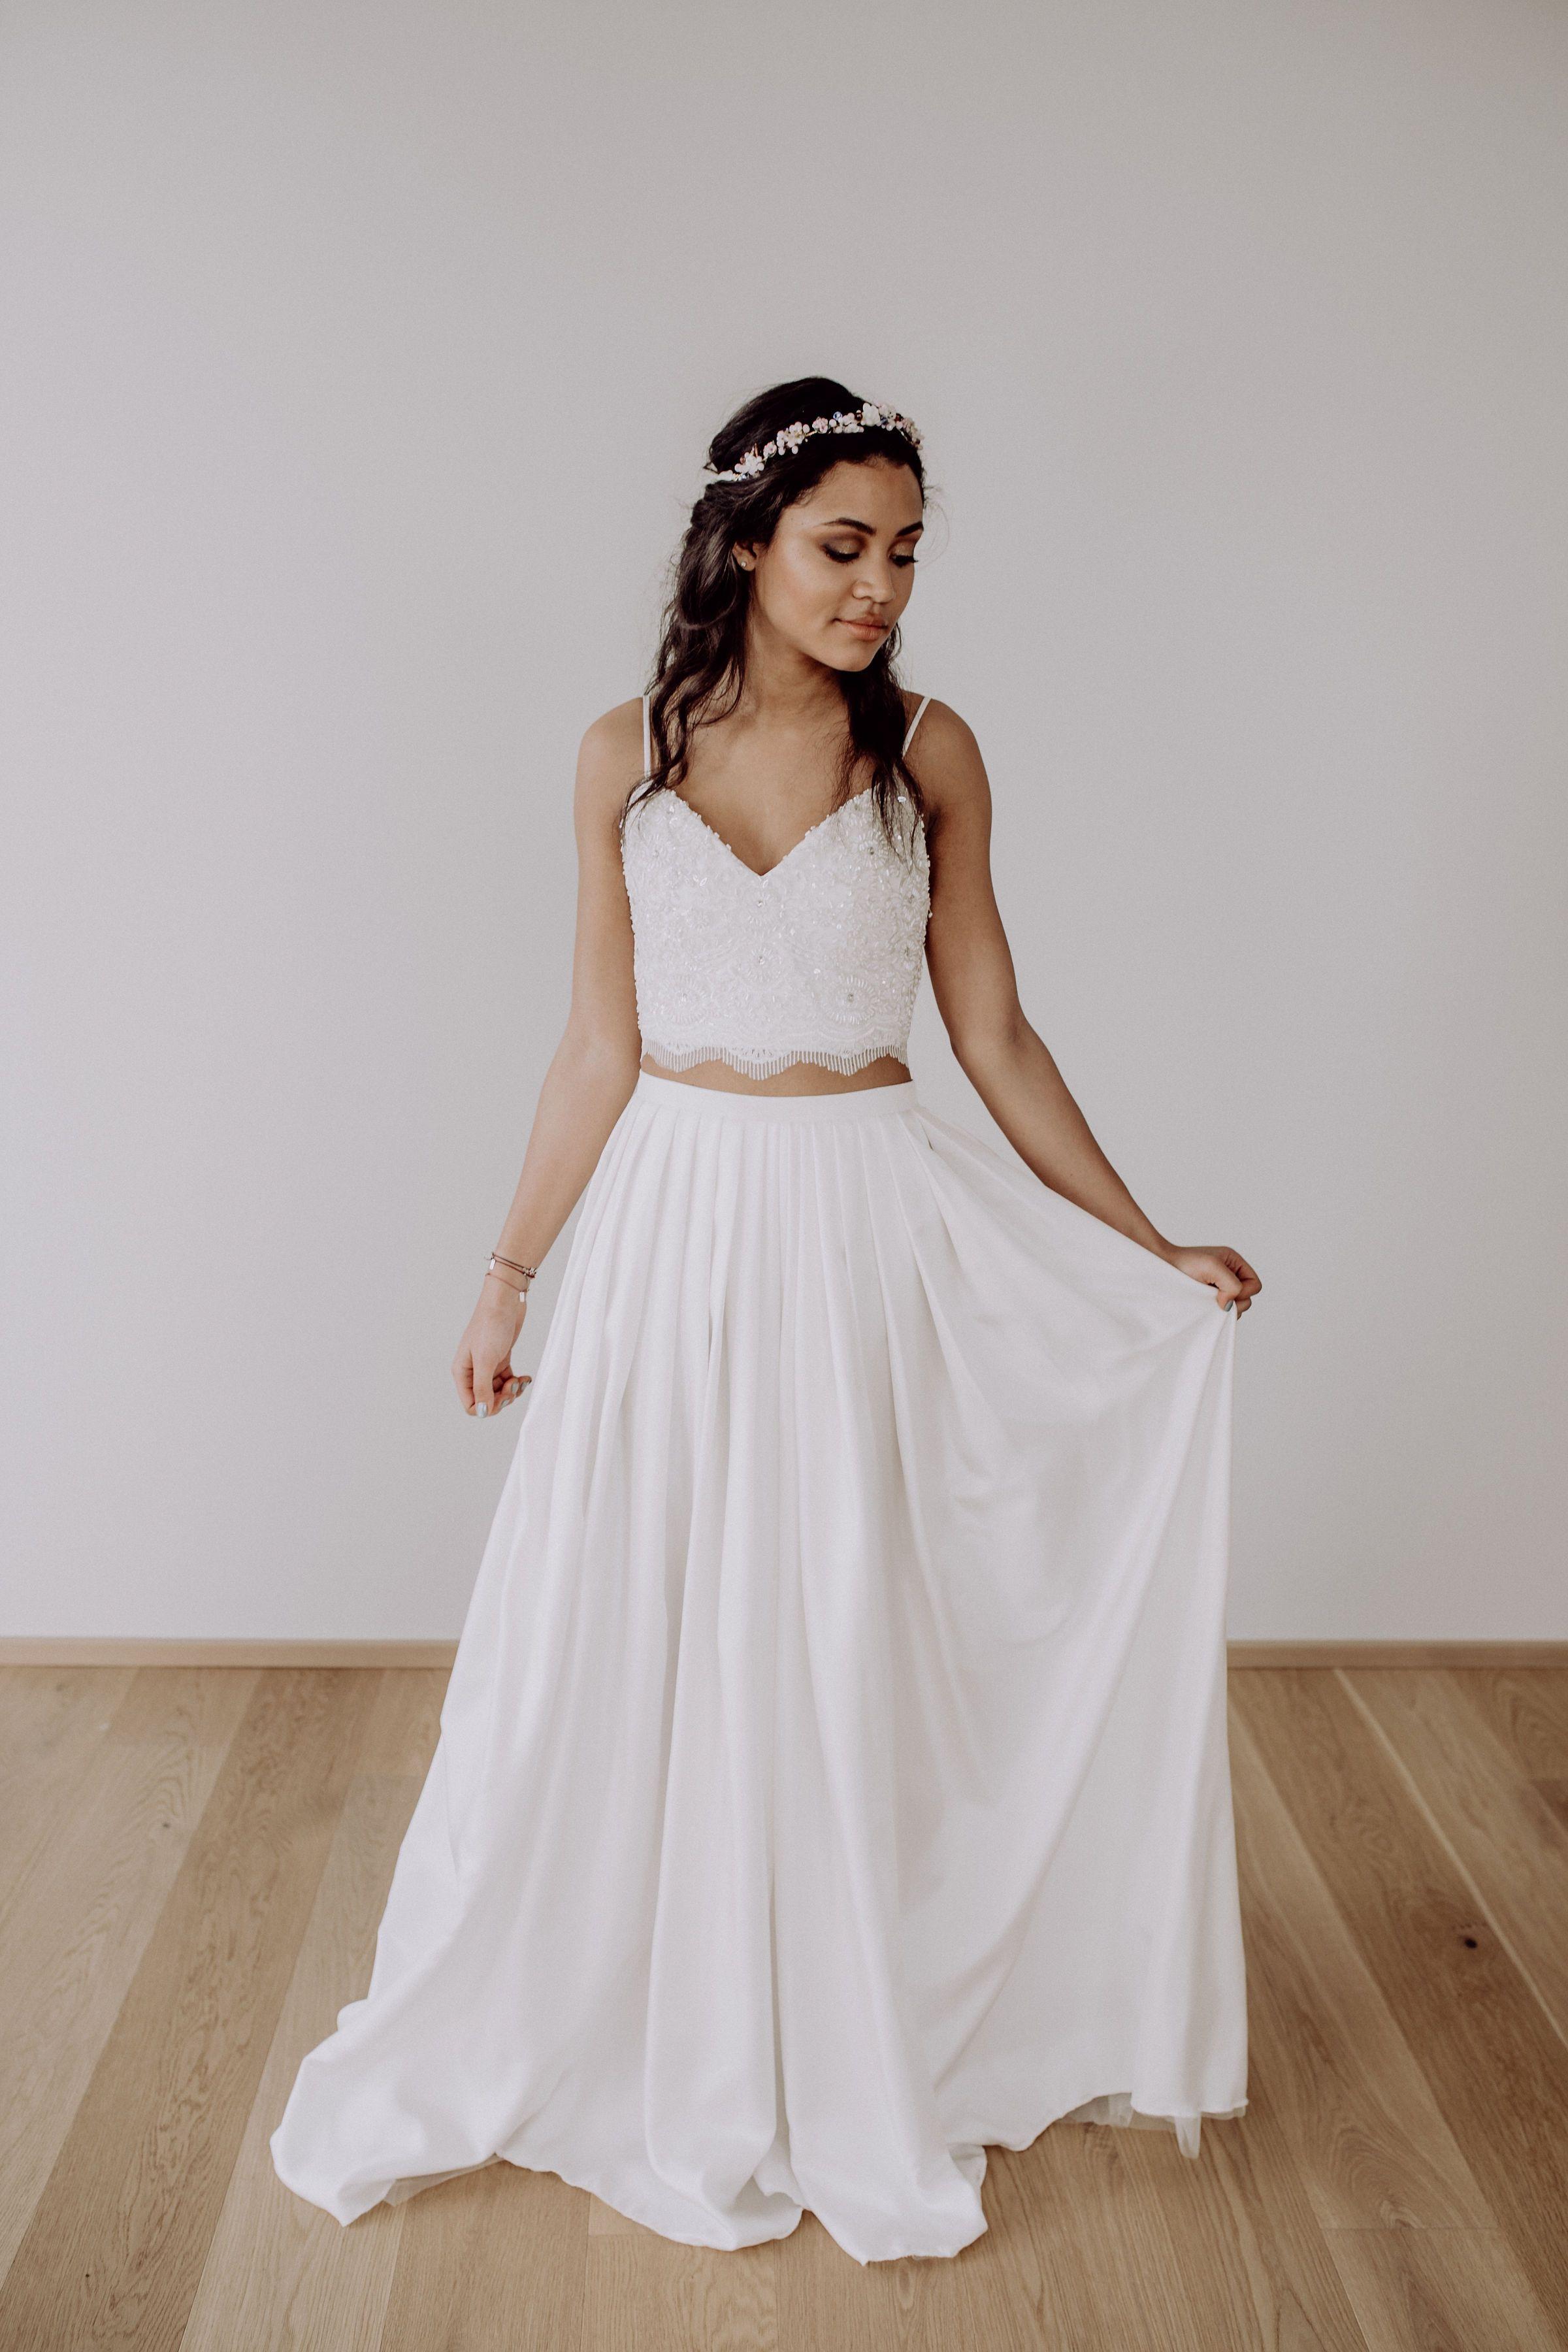 10-teiliges Brautkleid mit perlenbestickter Spitze, Rock aus Seide